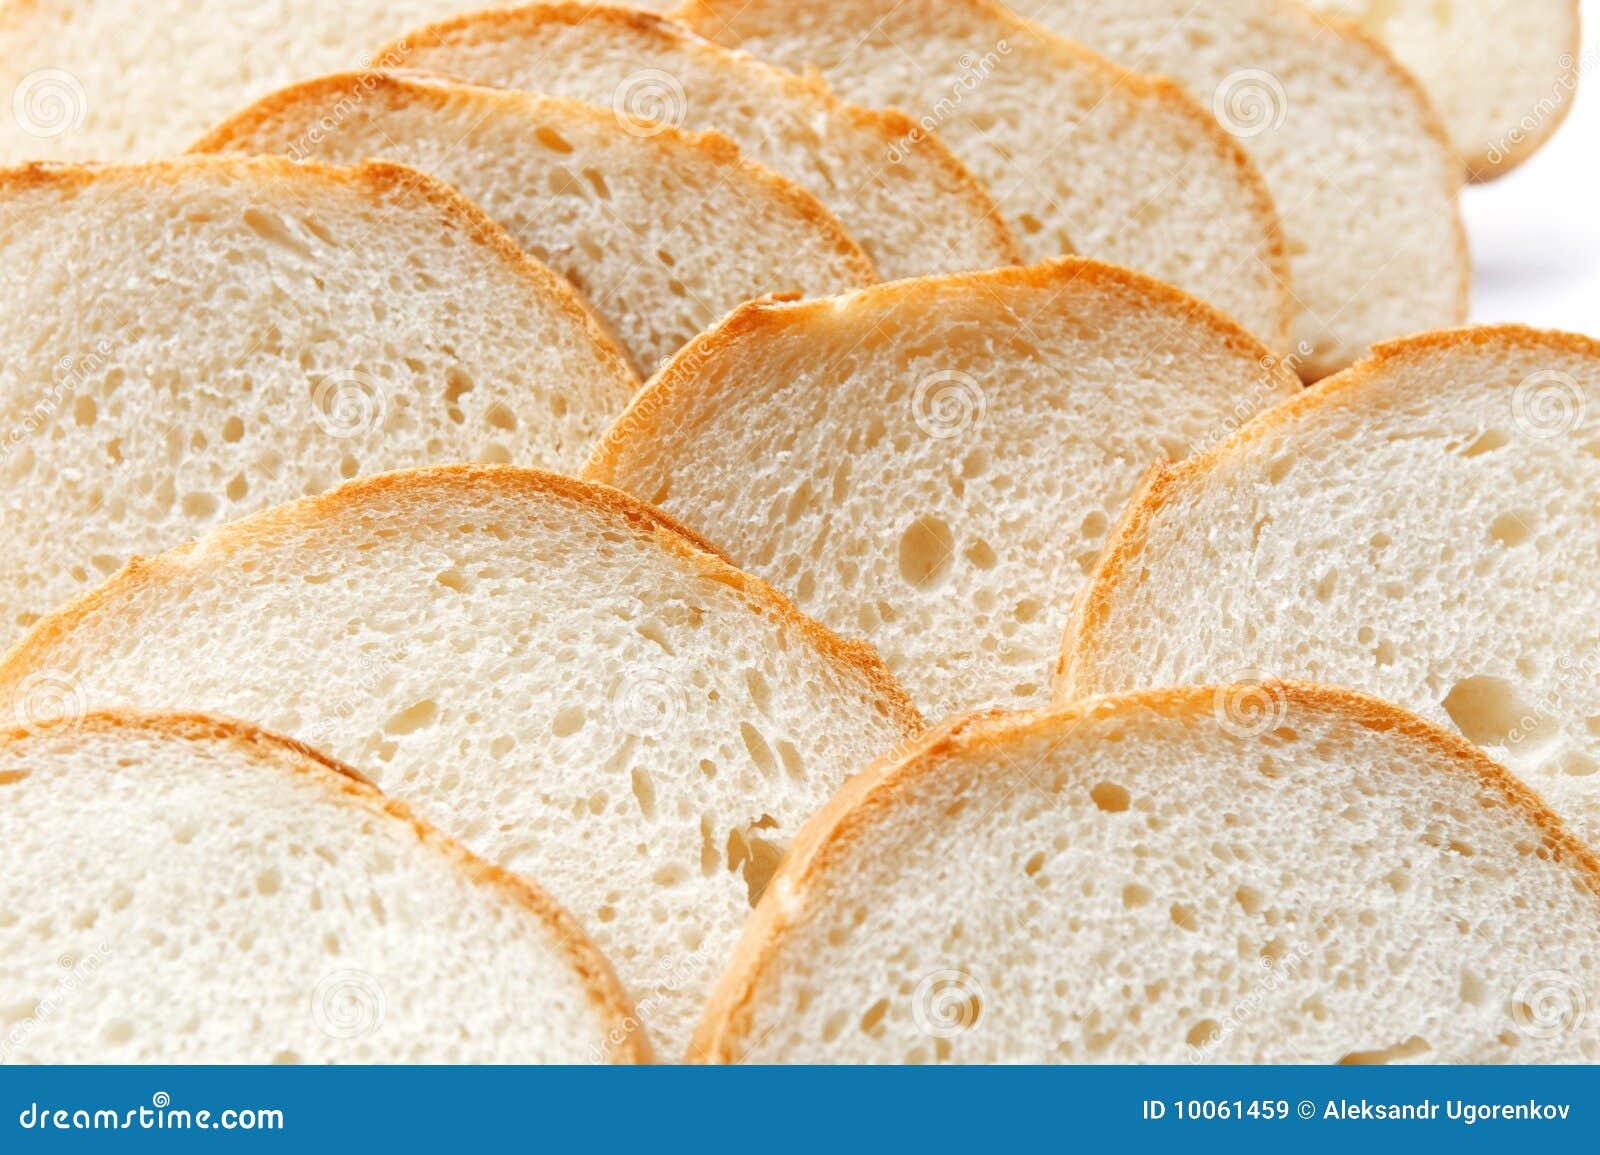 Cortando o pão branco